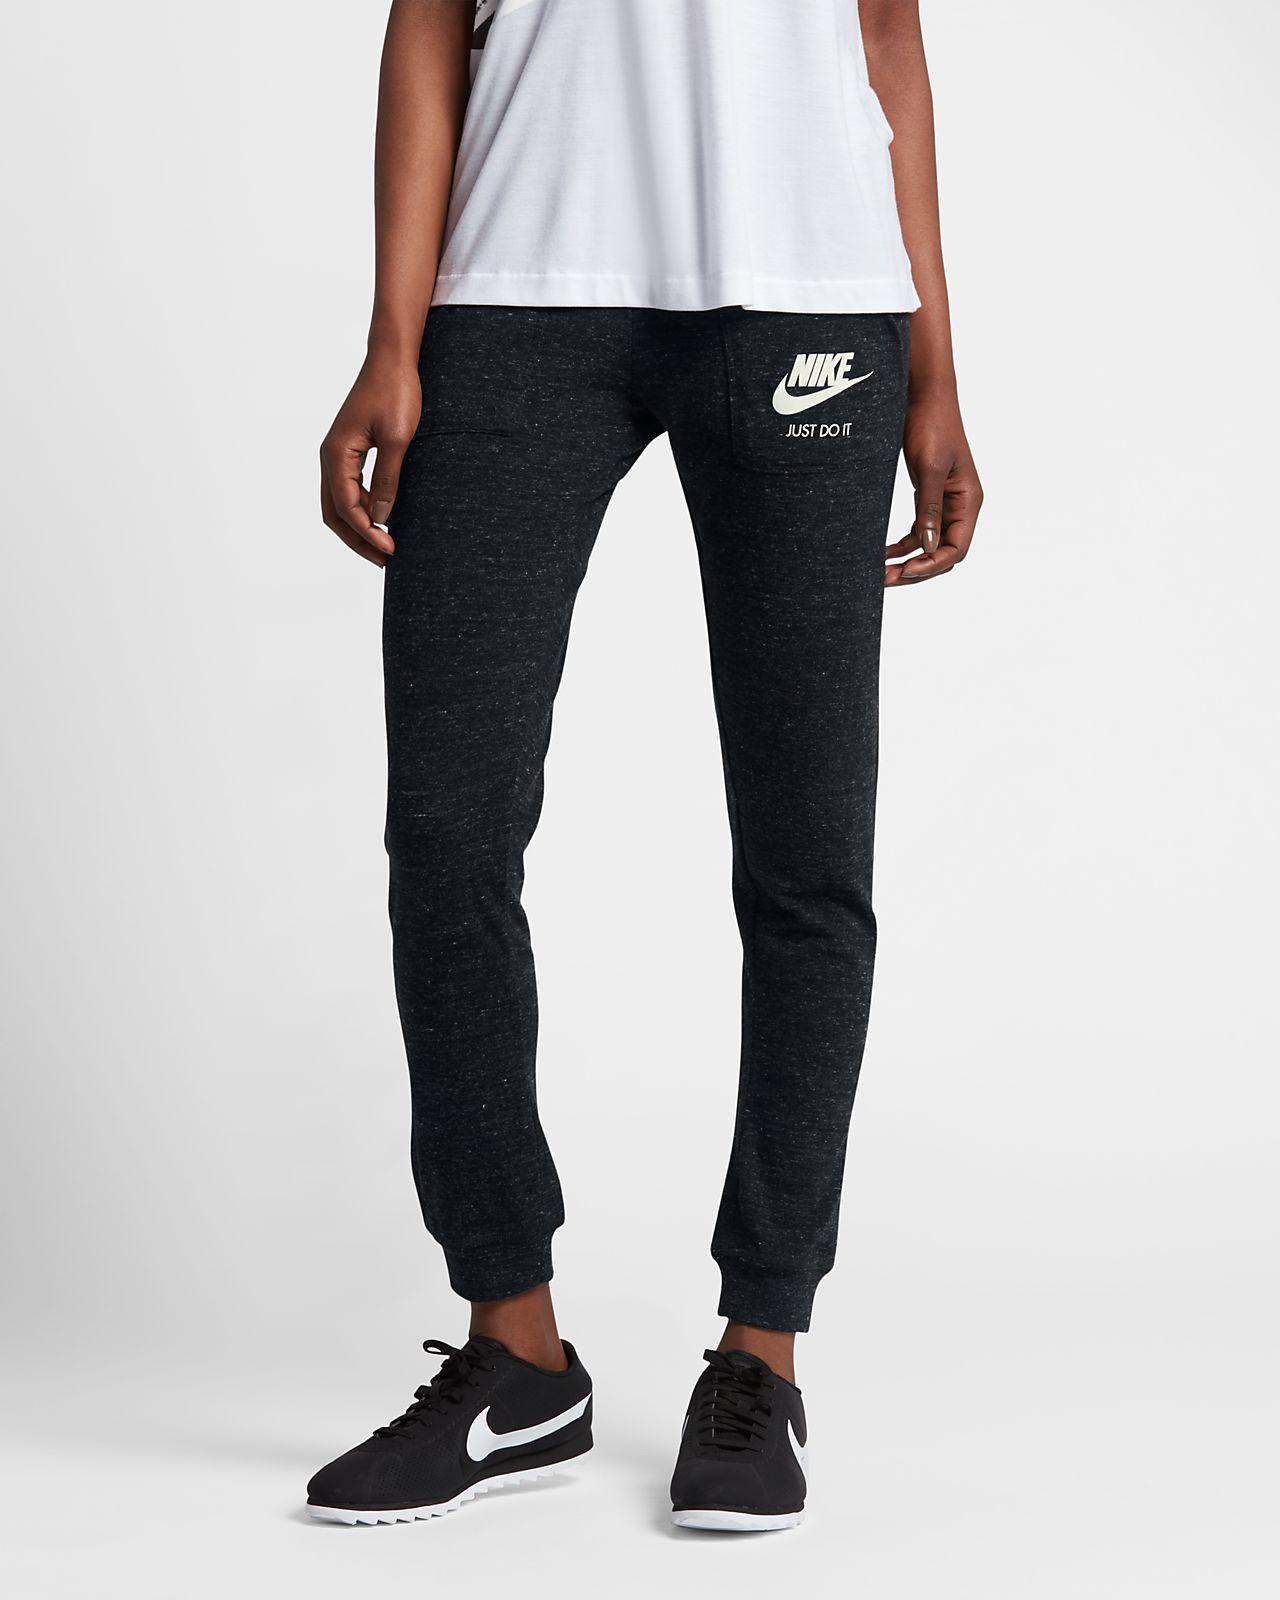 8c6230c6 Nike Sportswear Gym Vintage-bukser til kvinder. Nike.com DK